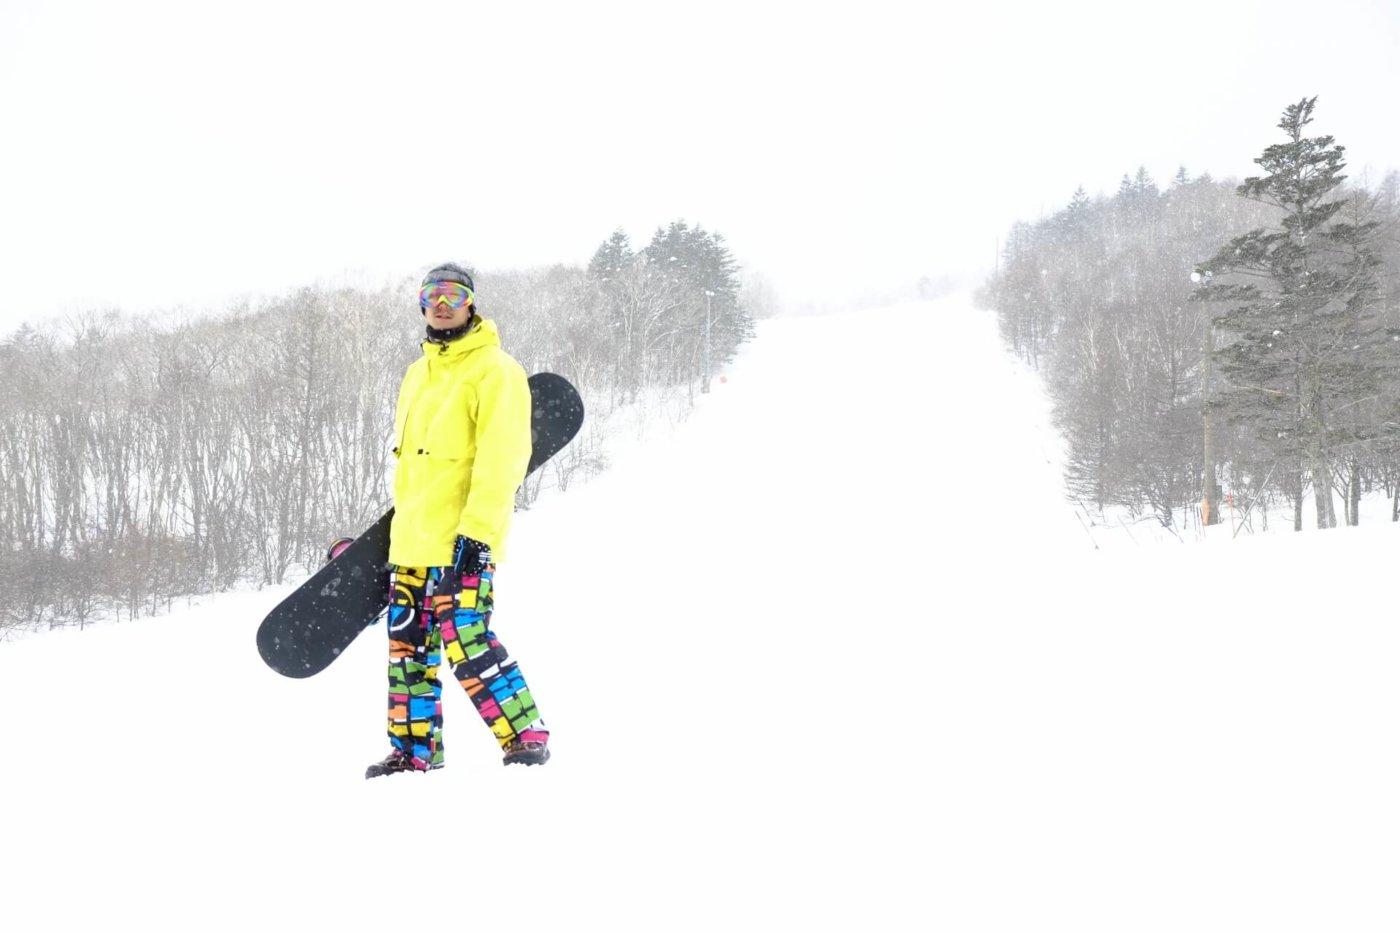 滑りが一変!スノーボードのチューンナップで何が変わるか